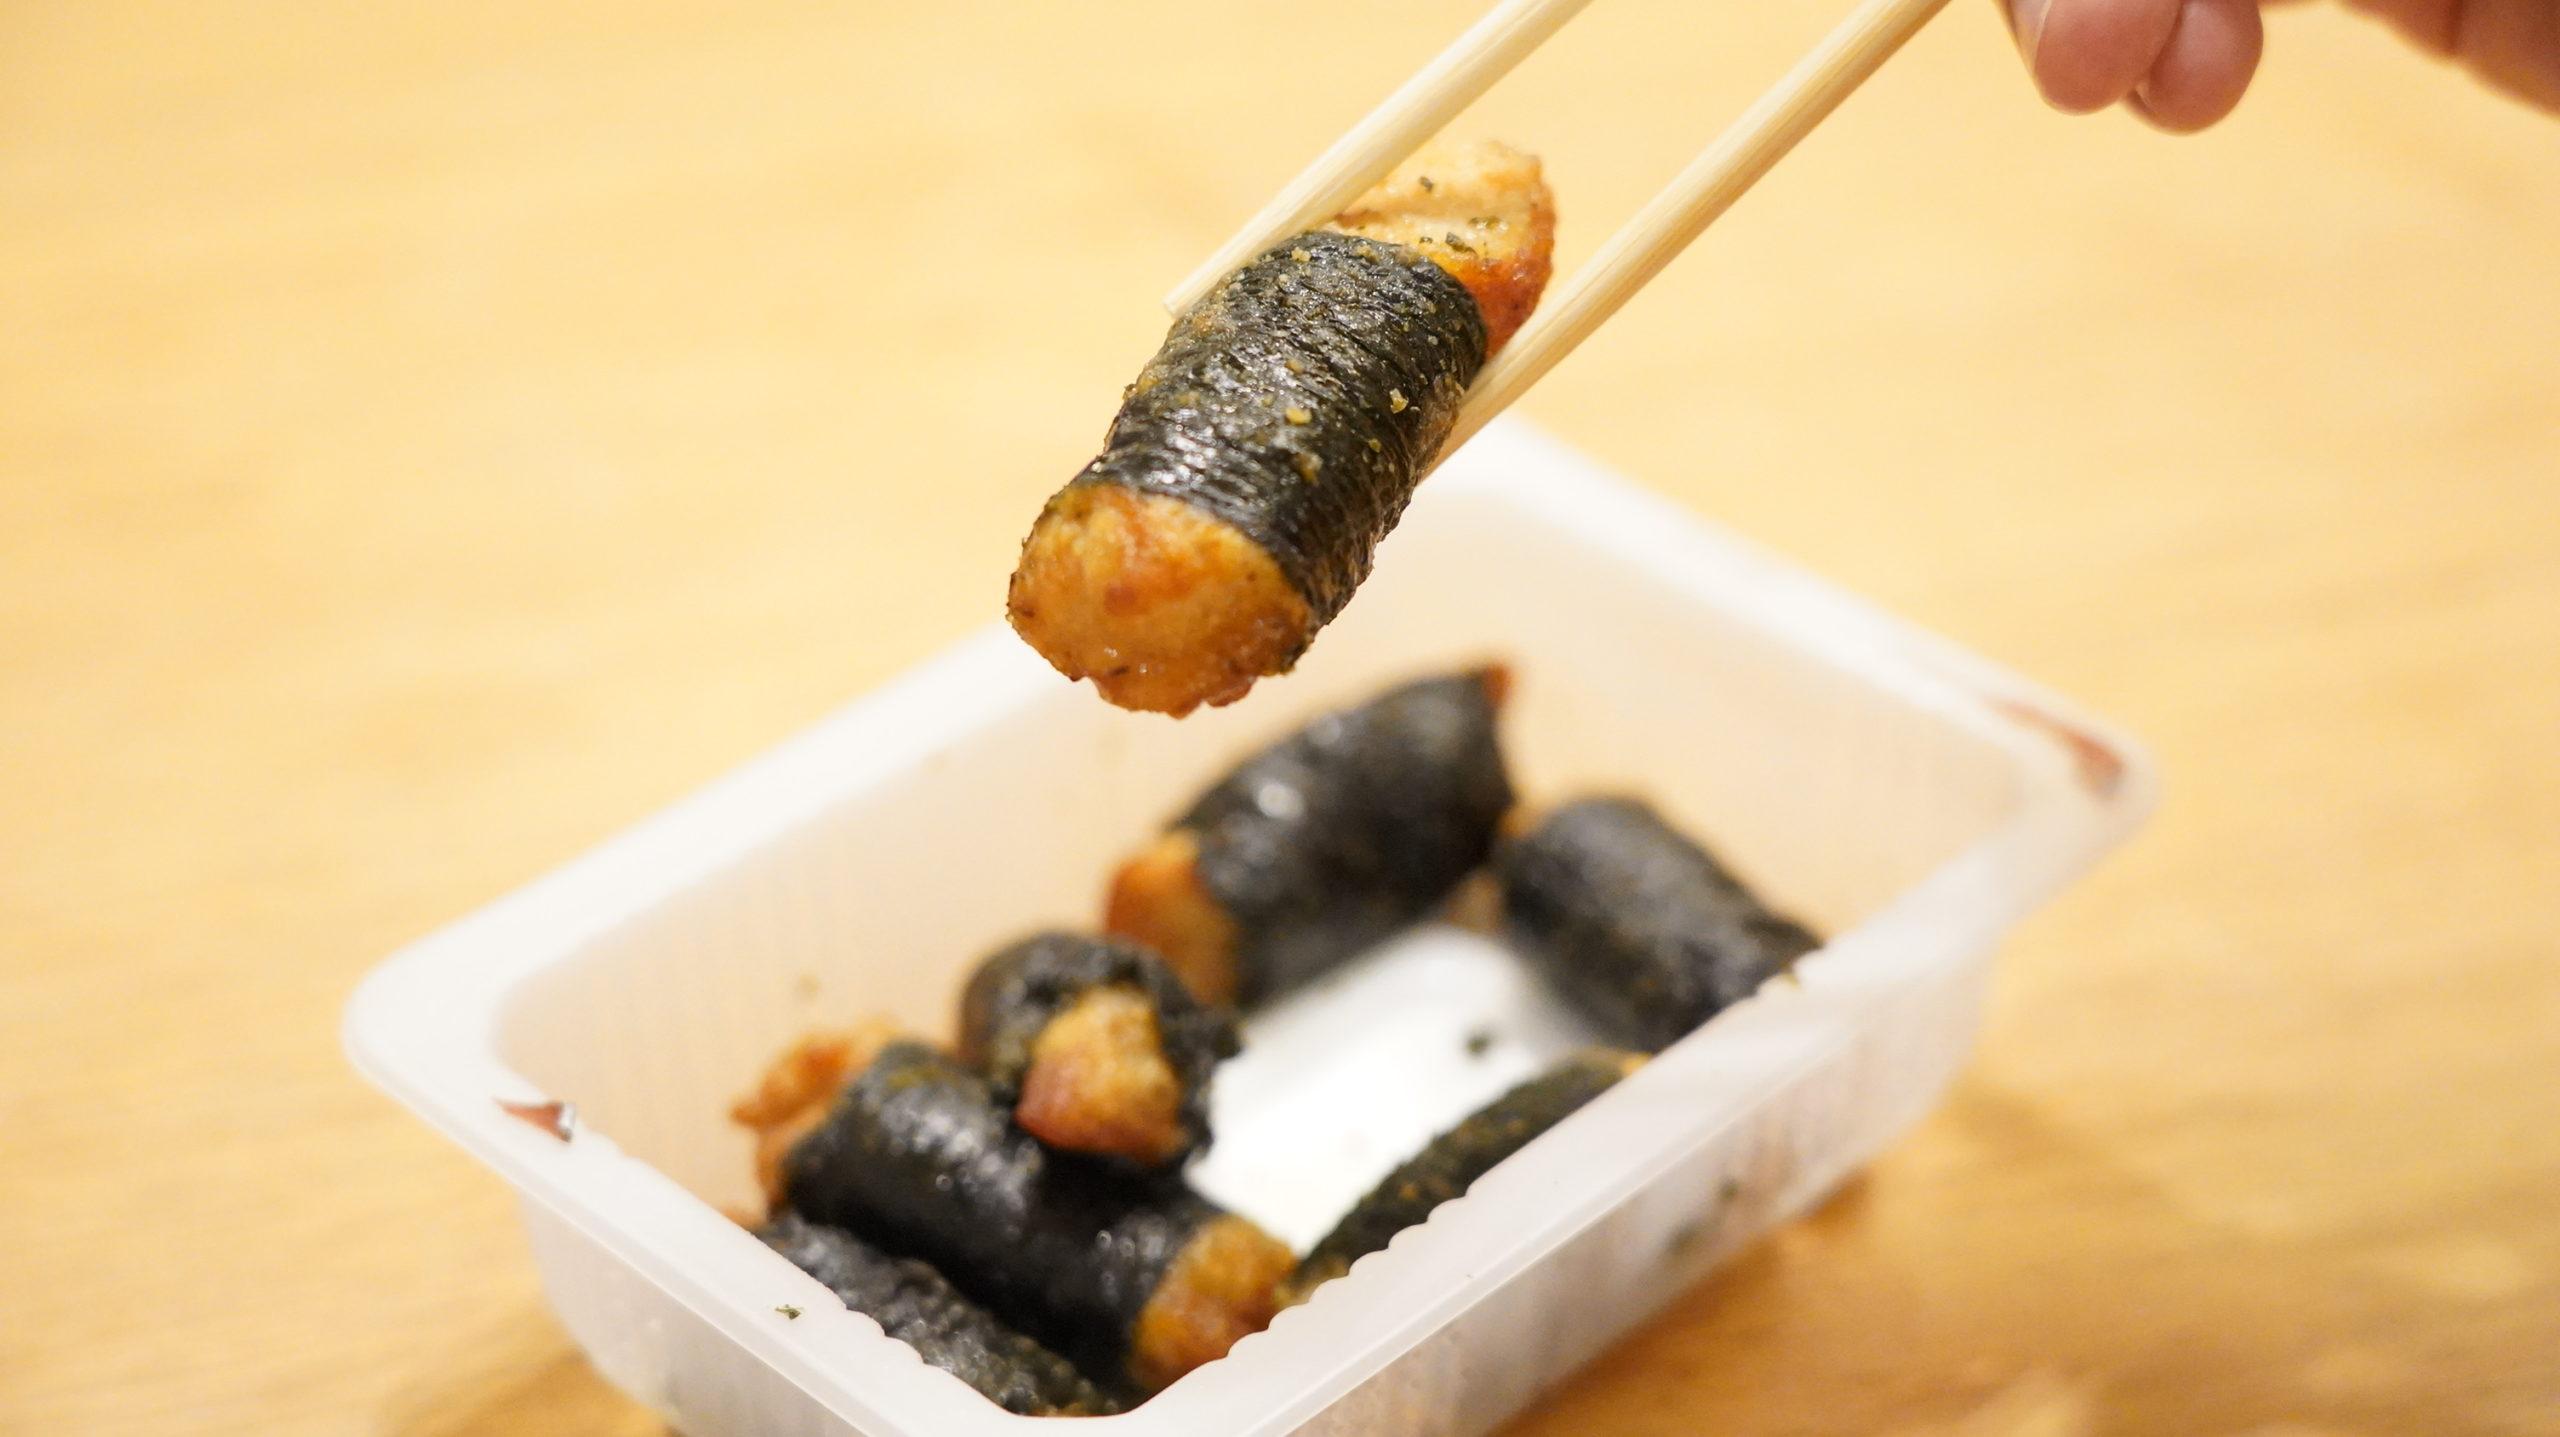 セブンイレブンの冷凍食品「和風にんにく風味・海苔巻きチキン」を箸でつまんだ写真